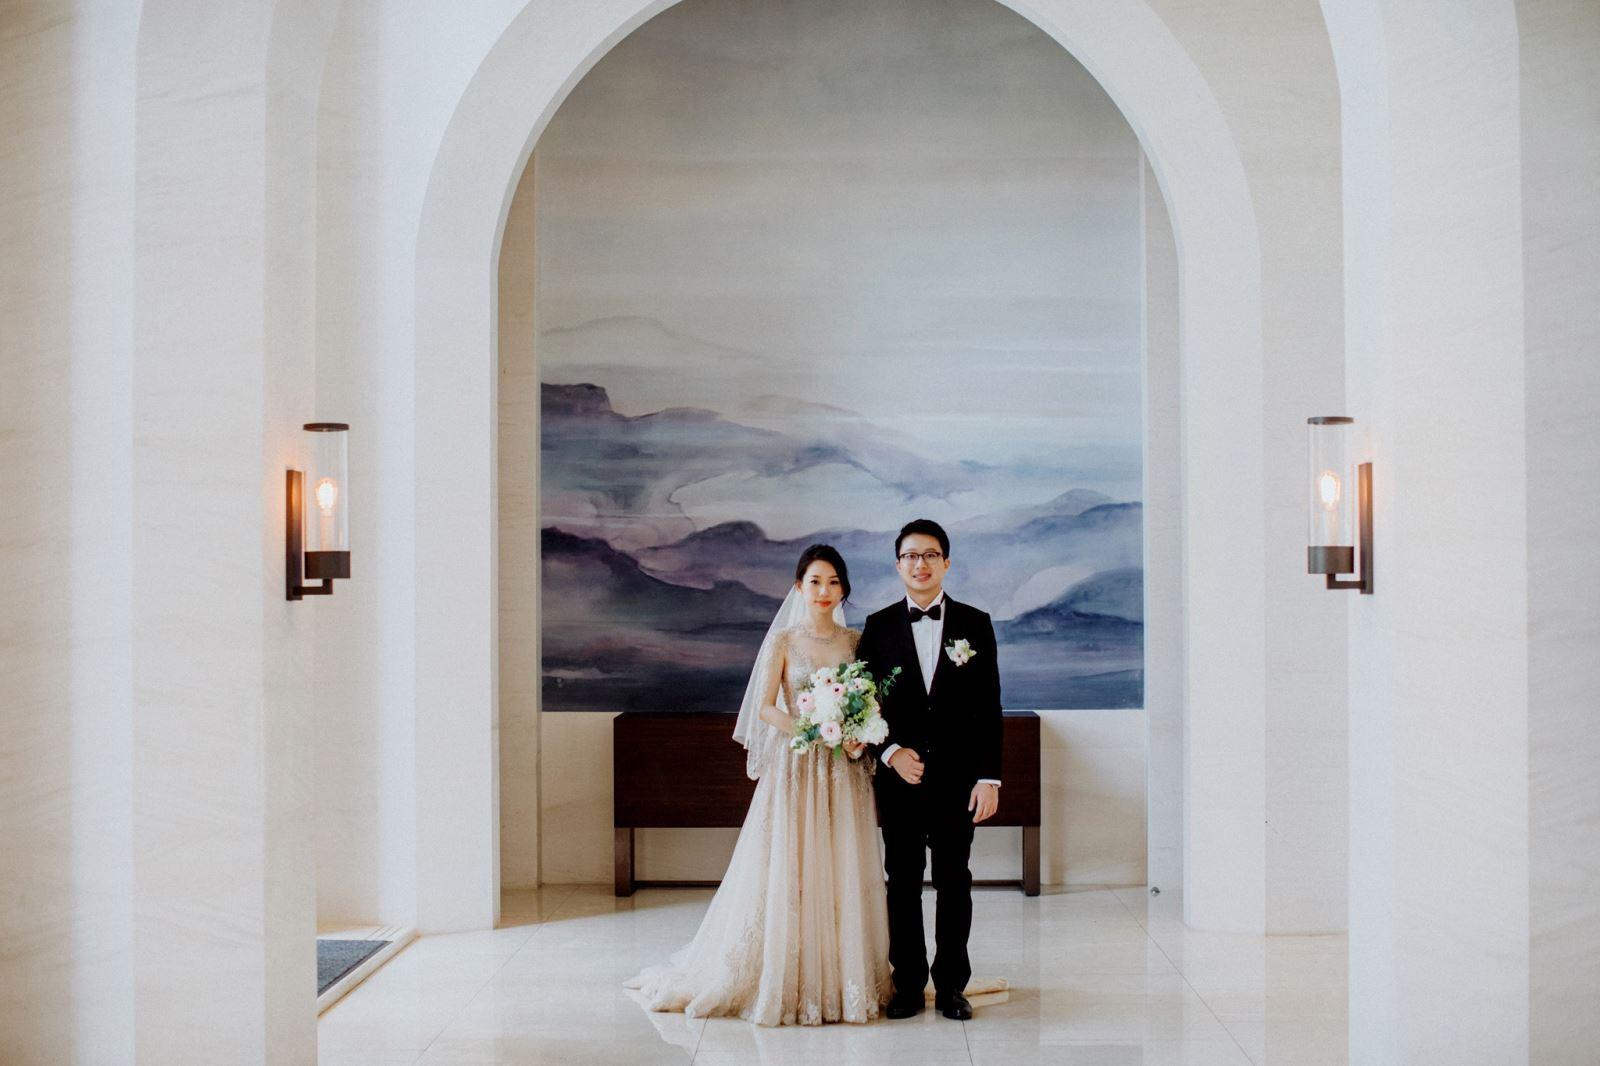 戶外婚禮首選,萬豪酒店